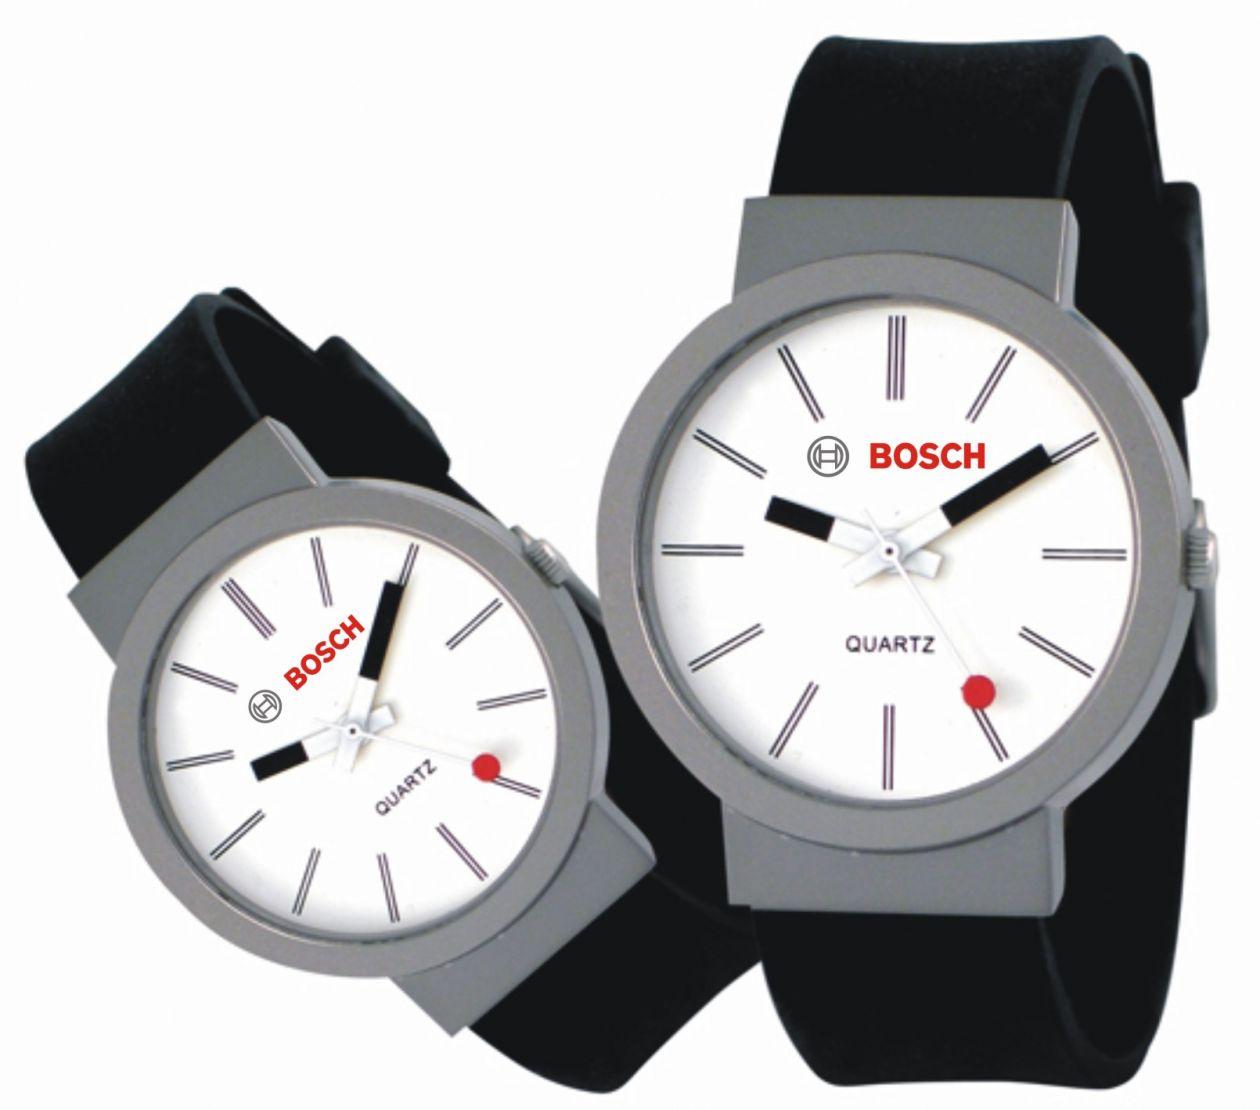 Reloj grabado con tampografía para Bosch